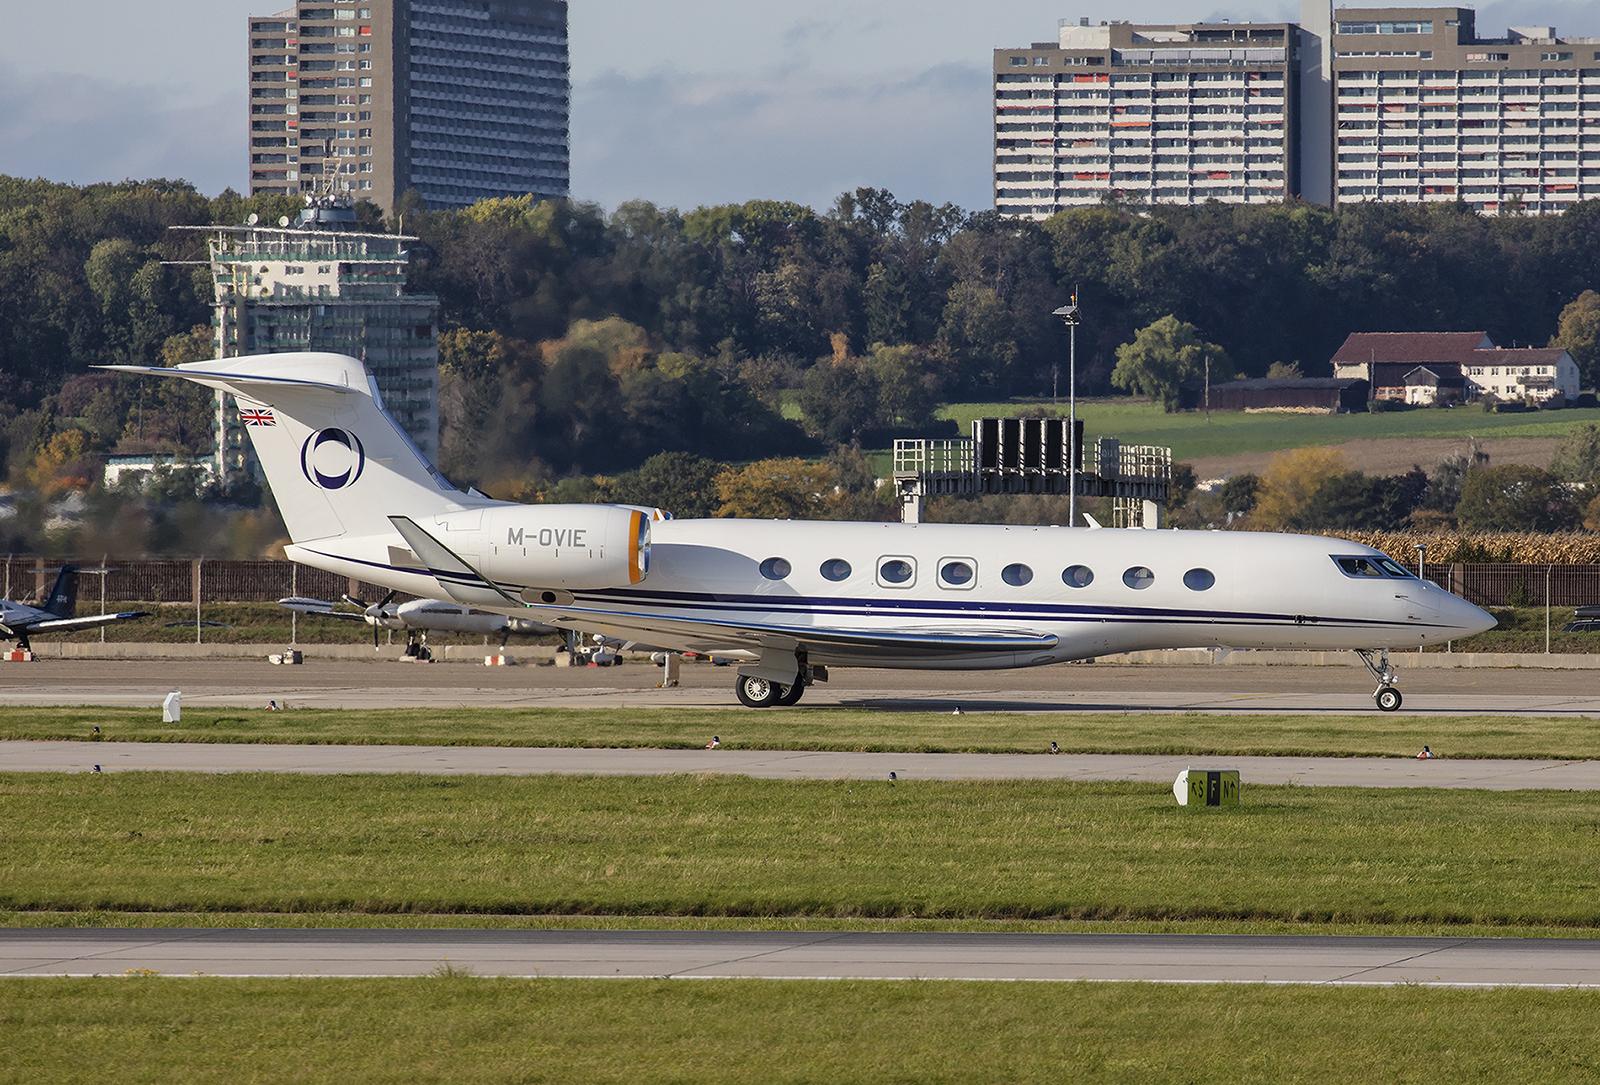 Die M-OVIE der Hampshire Aviation ist wohl ein regelmäßiger Gats in Stuttgart. Das Flugzeug ist eine Gulfstream G650.